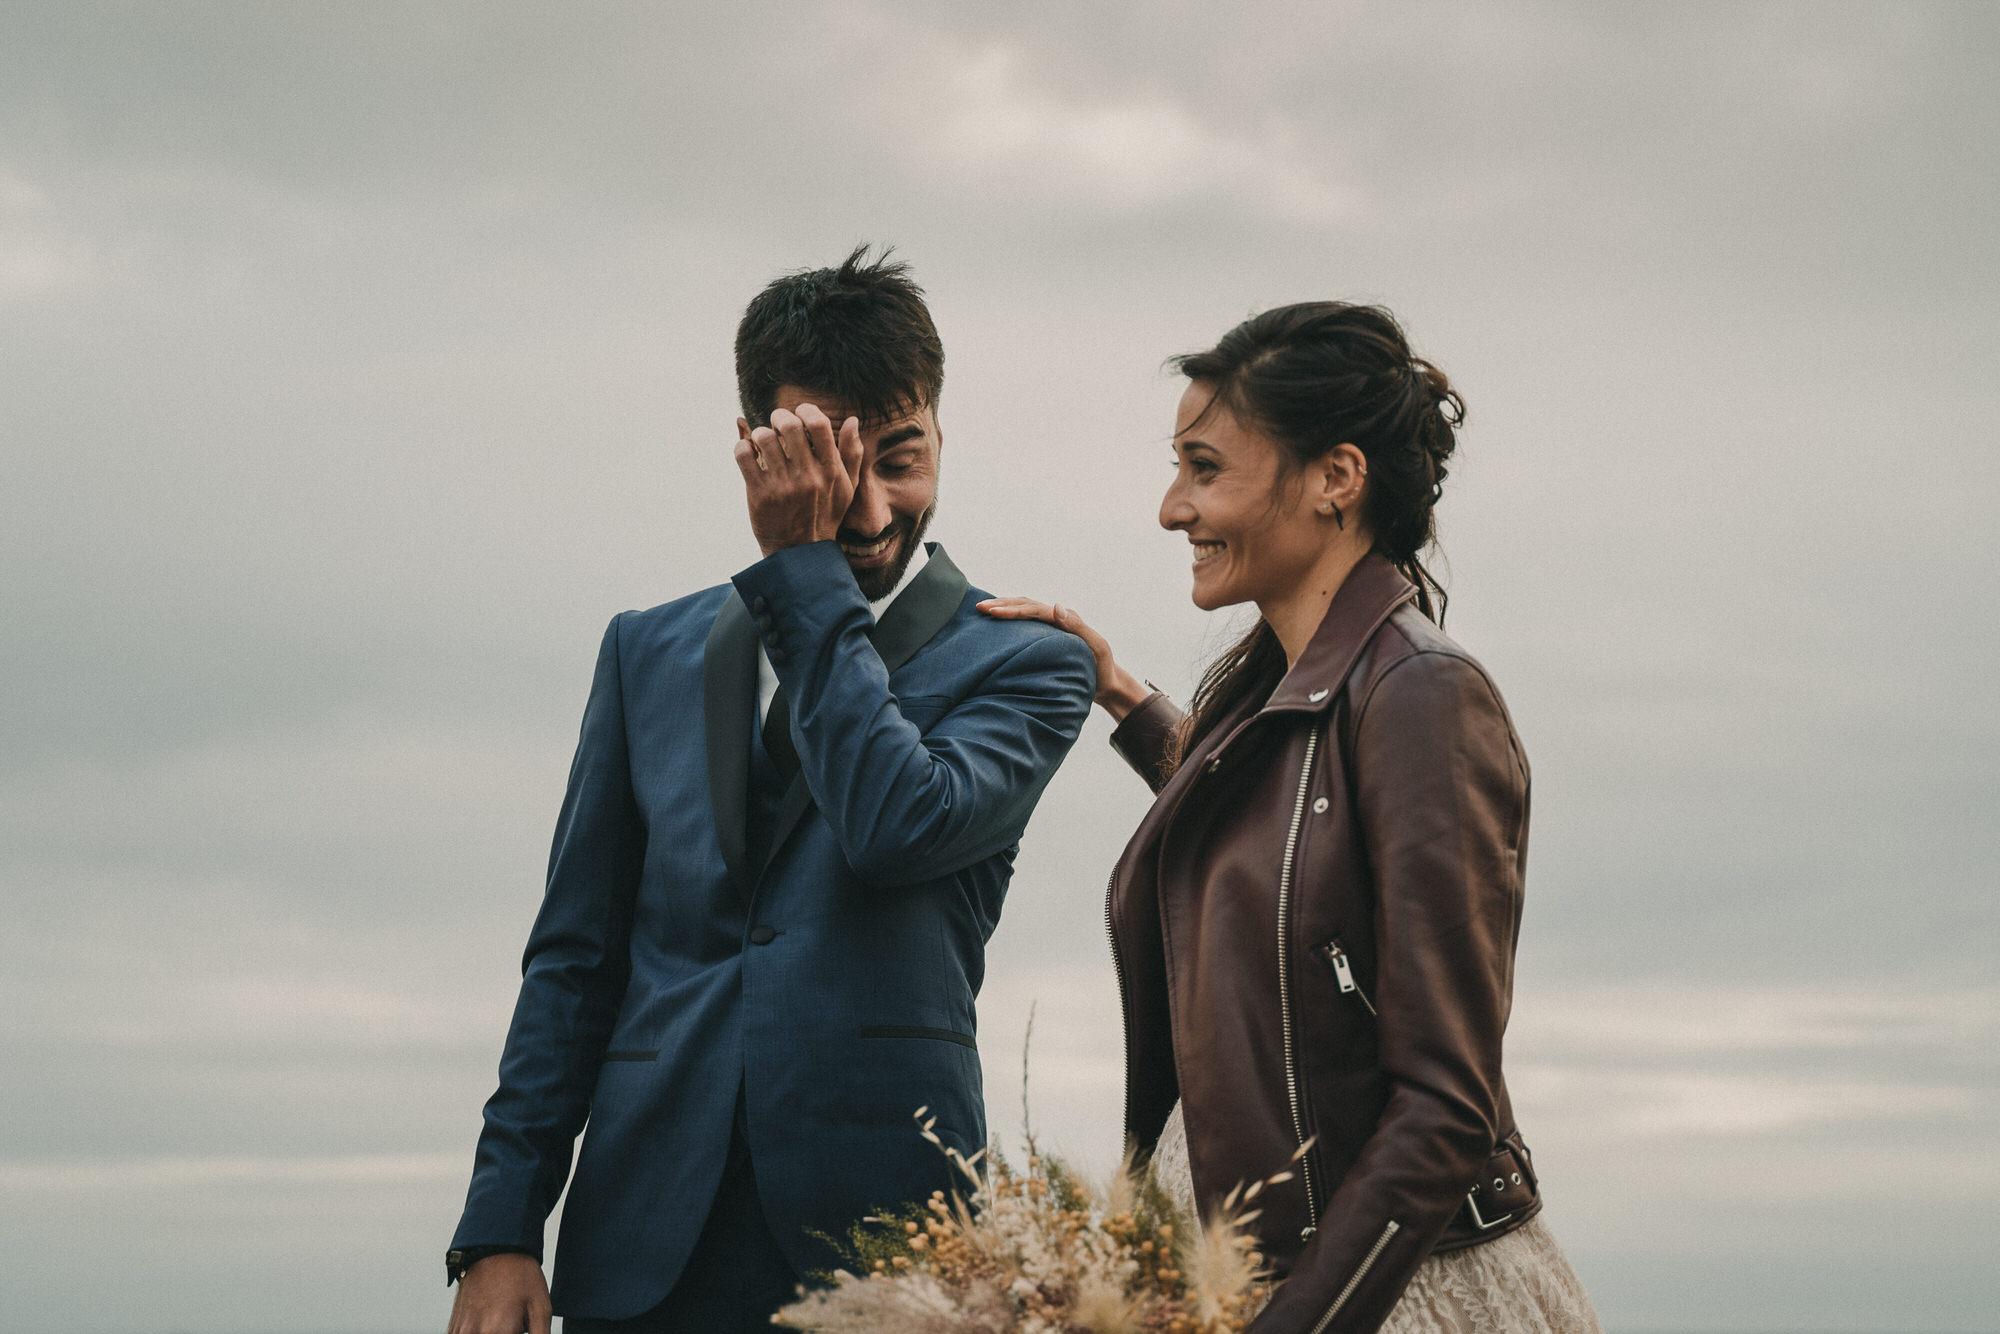 Union mariage sauvage Photo de mariage intime élopement sur une falaise à Brest en Bretagne par photographe pro Finistère